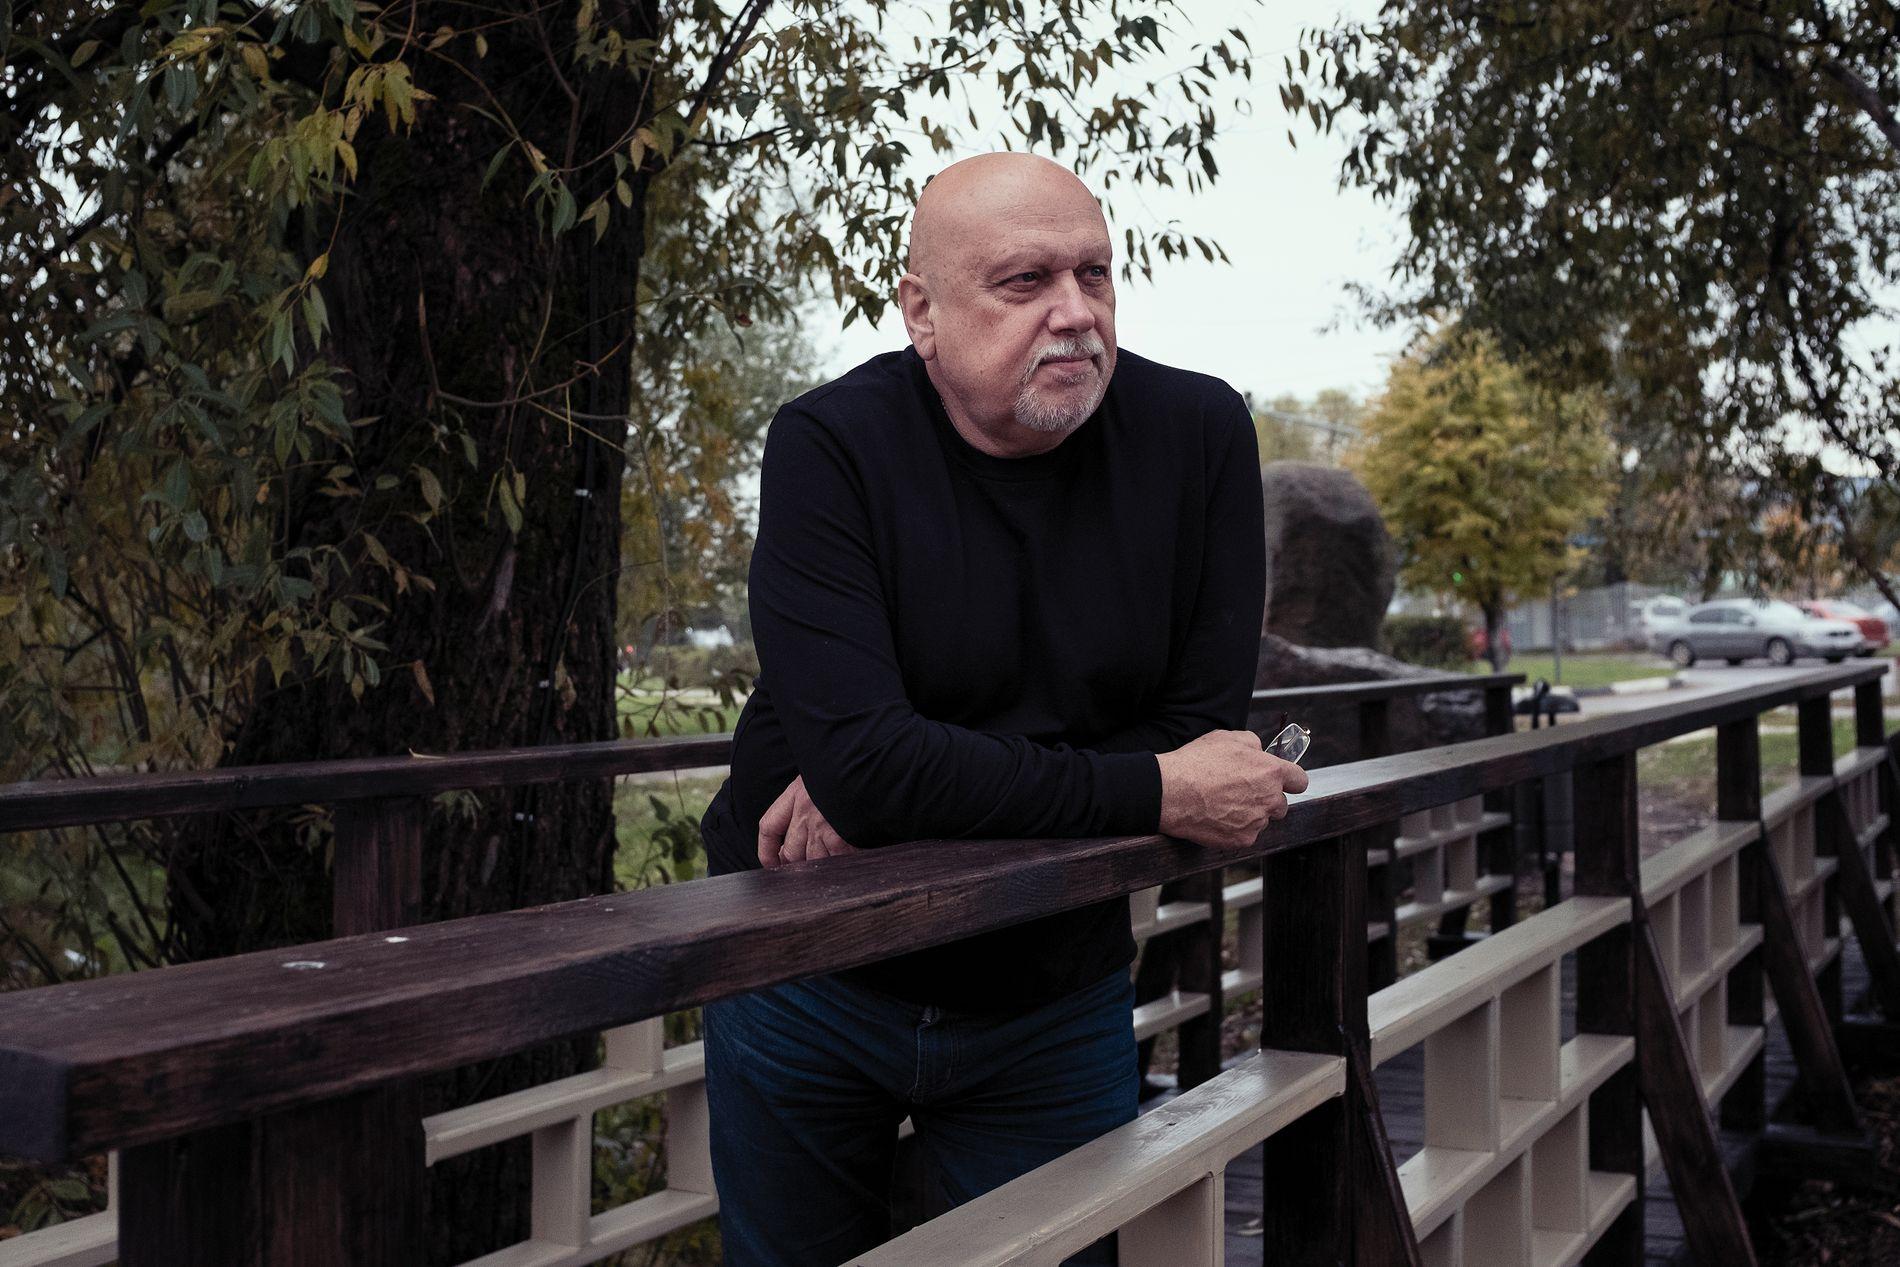 SPIONSJEF: Tidligere generalmajor i KGB og FSB, Aleksandr Mikhailov, mener etterretningen i NATO-land, og særlig Norge, holder et pinlig lavt nivå.